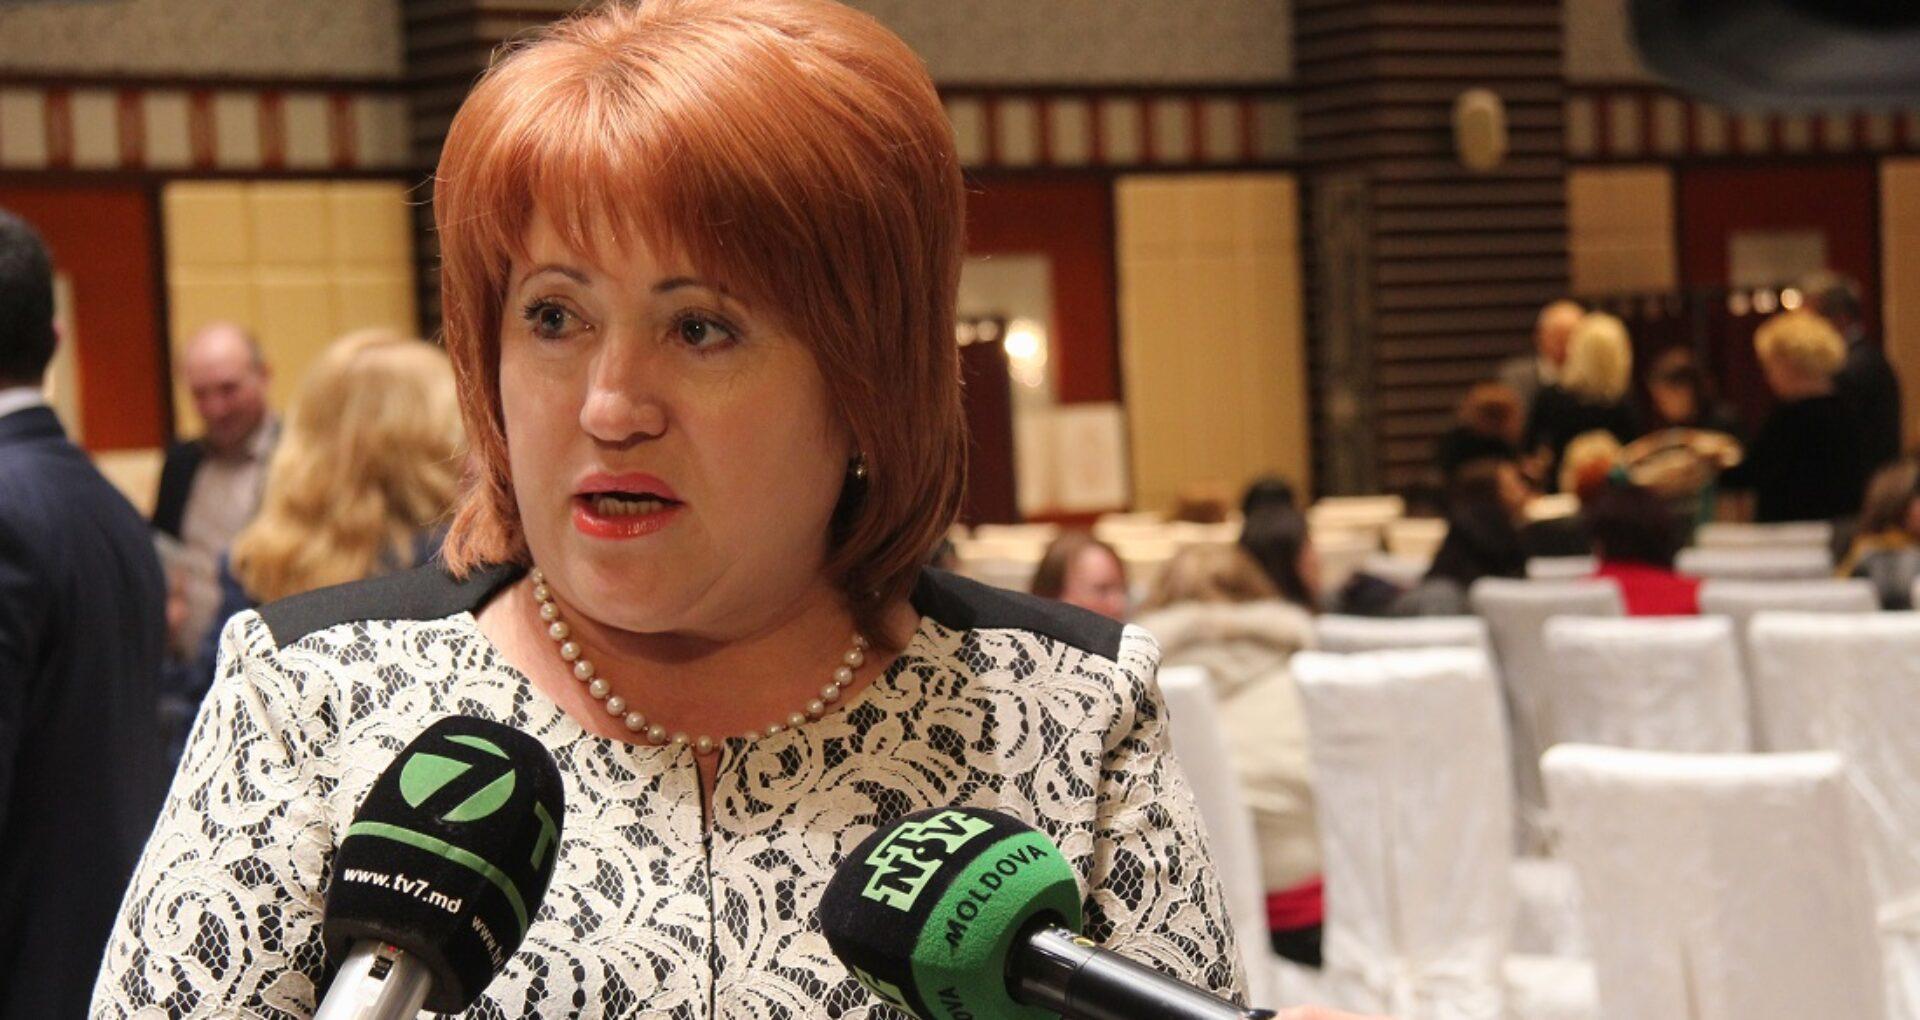 DOC/ CSJ a luat decizia în privința cererii Domnicăi Manole de a revizui și de a anula hotărârile prin care a fost demisă din funcția de judecătoare după avizele SIS-ului